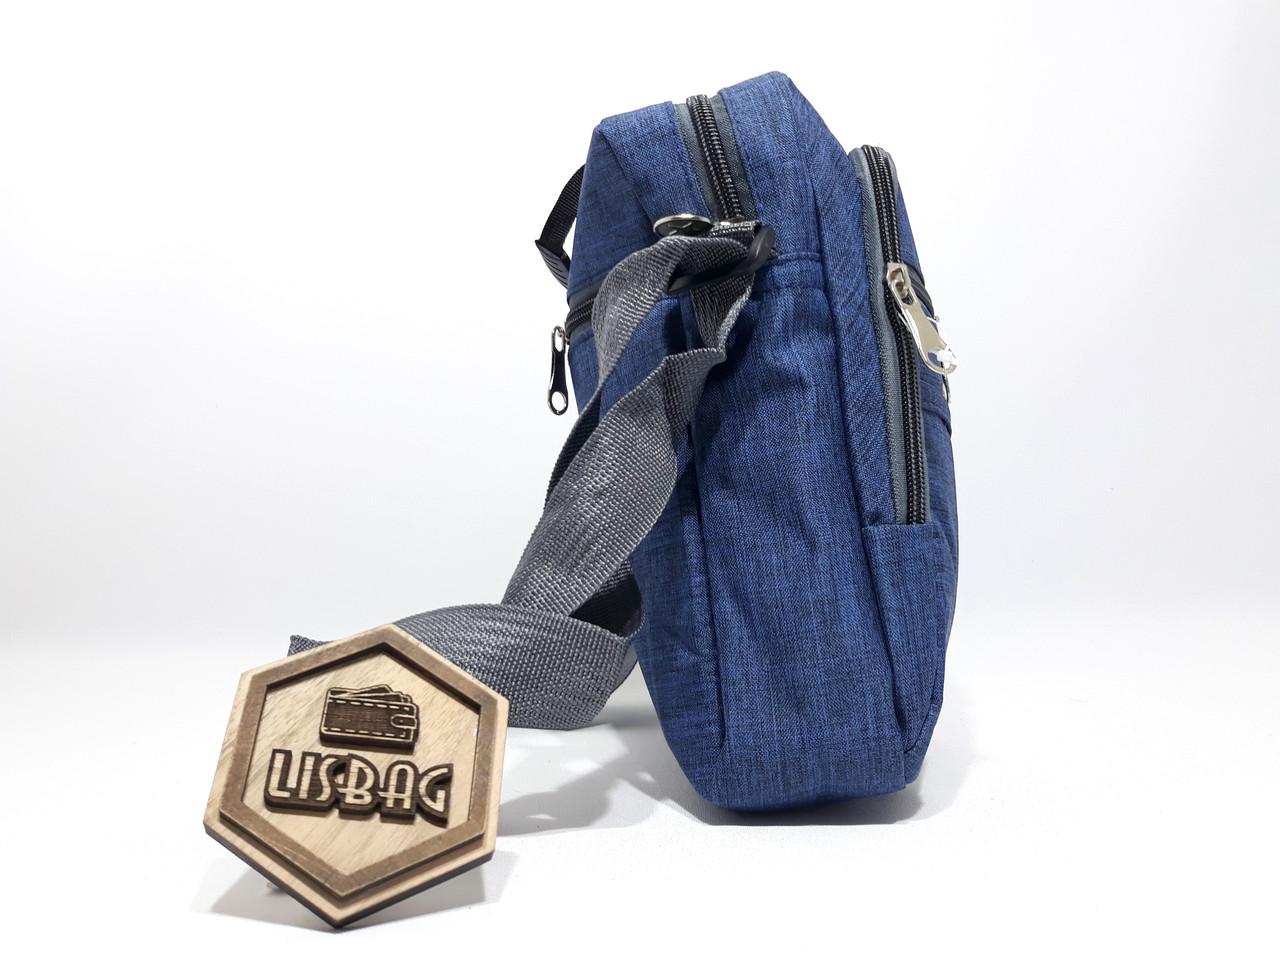 89b19d44bdf1 Чоловіча Синя сумка планшетка / барсетка середнього розміру спортивного  стилю, ...